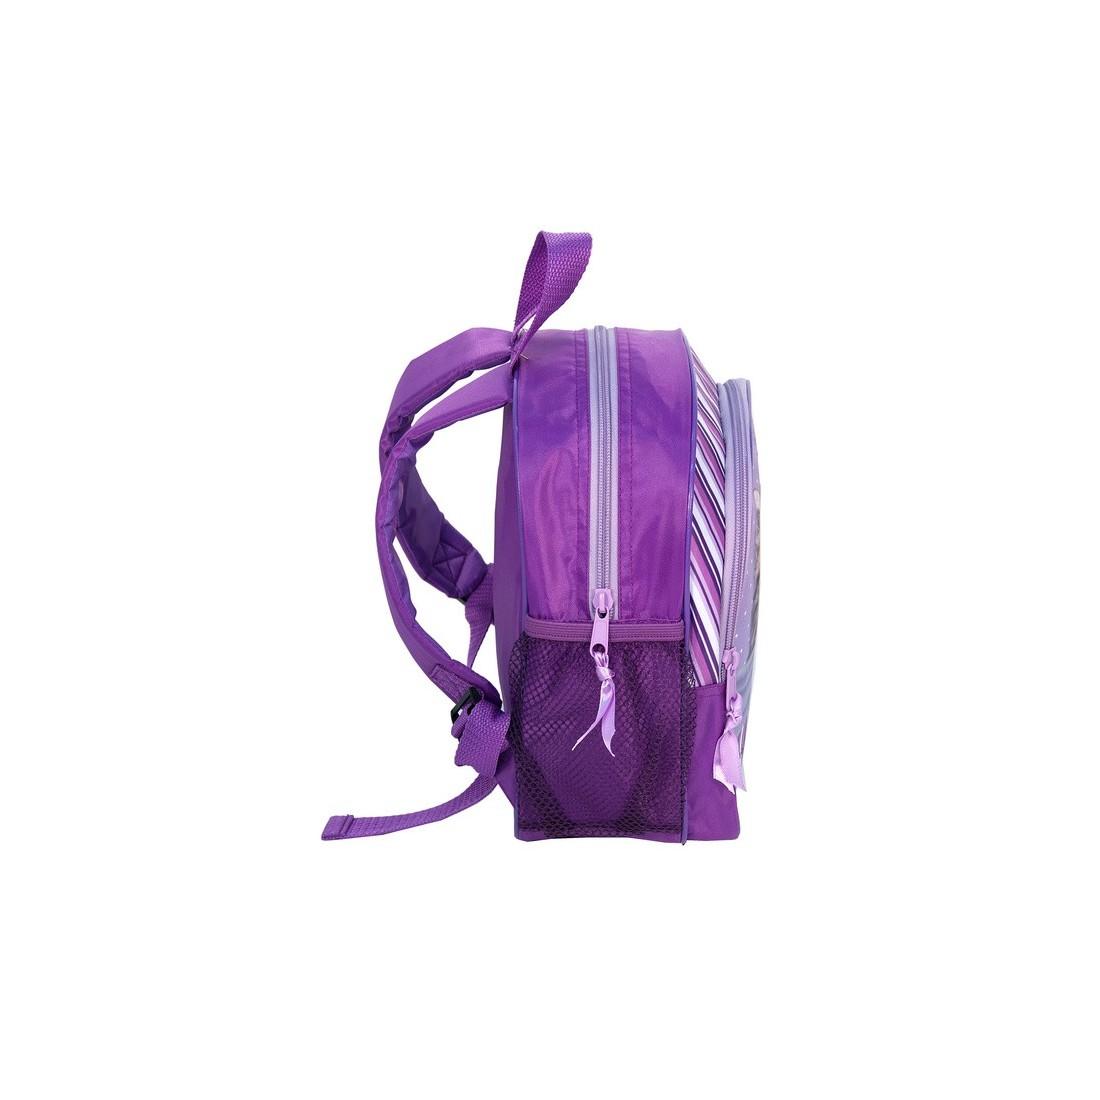 Plecaczek Rachael Hale fioletowy z kotkiem - plecak-tornister.pl